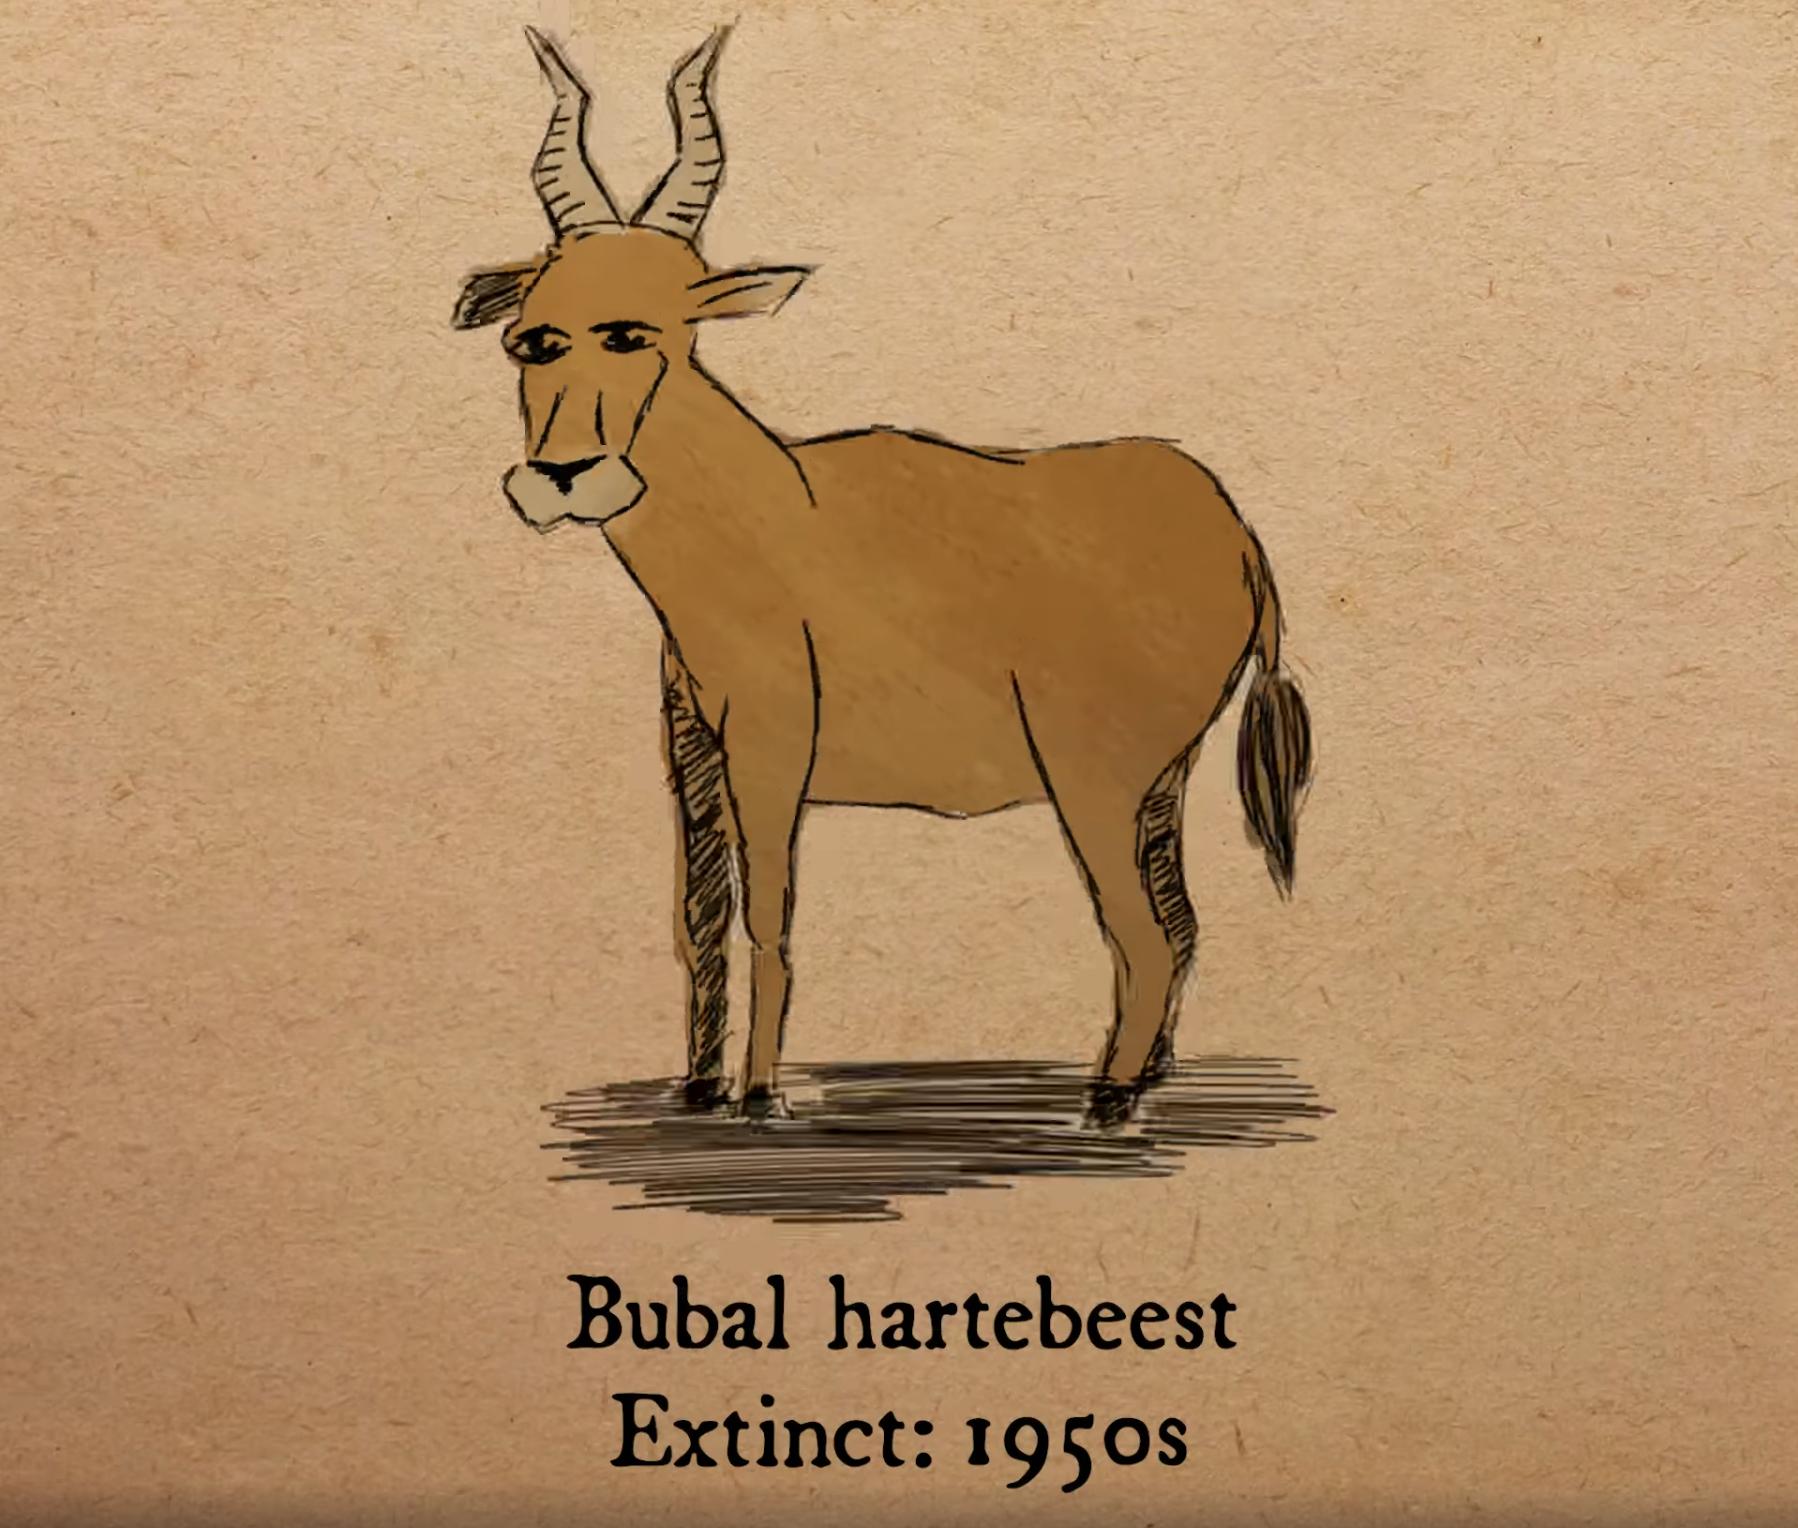 北非狷羚(Bubal hartebeest)